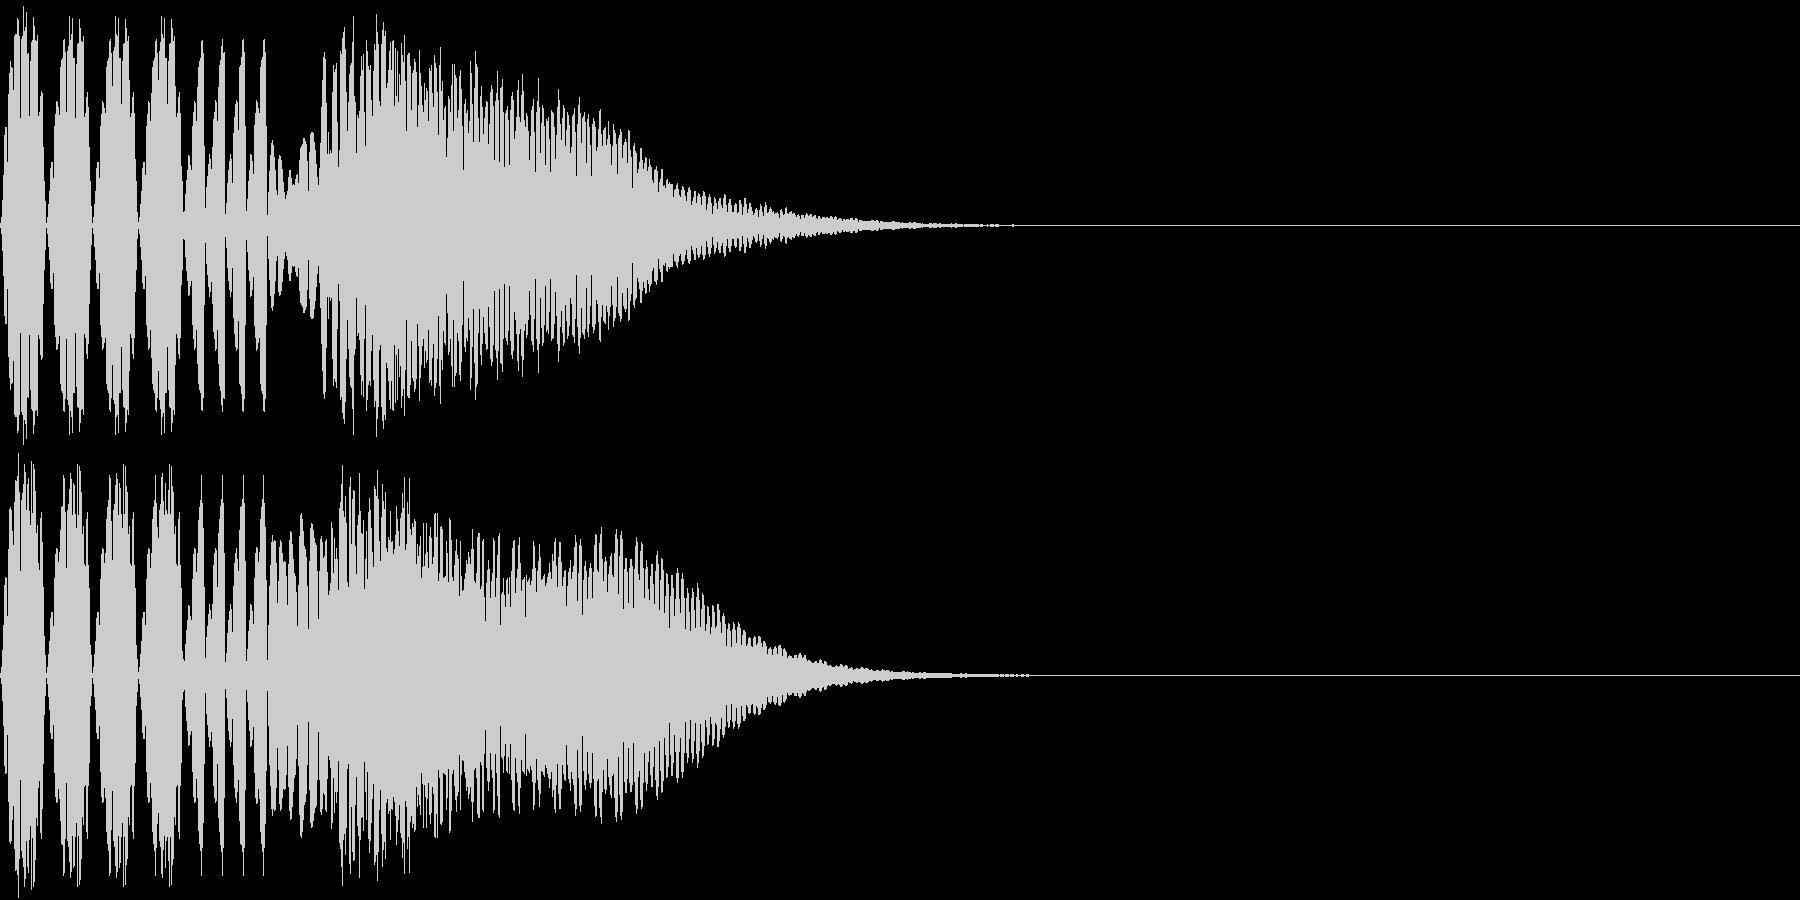 キュイン 強い 熱い 激アツ ピュインの未再生の波形